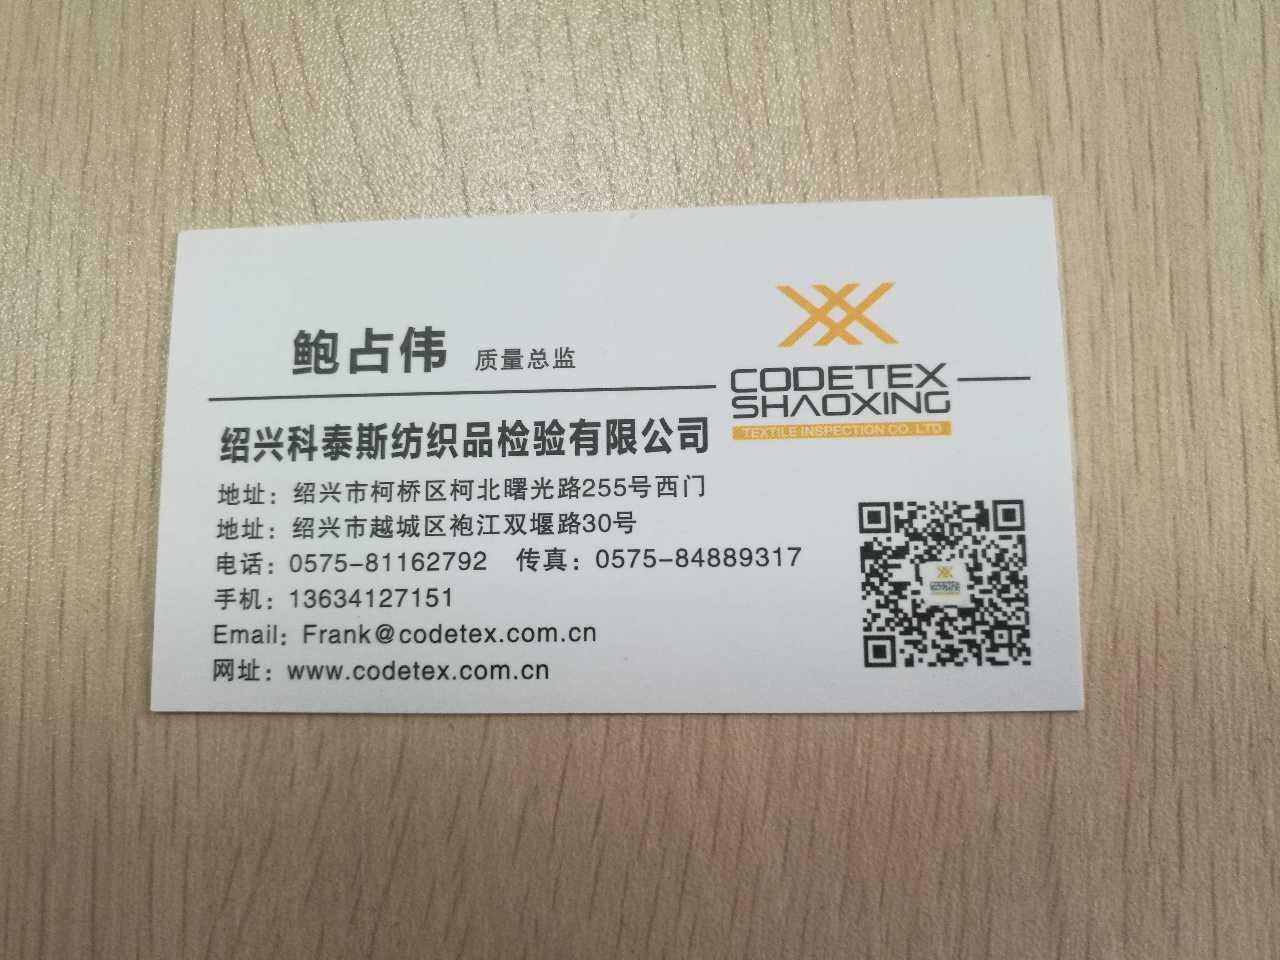 来自Frank发布的商务合作信息:... - 绍兴科泰斯纺织品检验有限公司